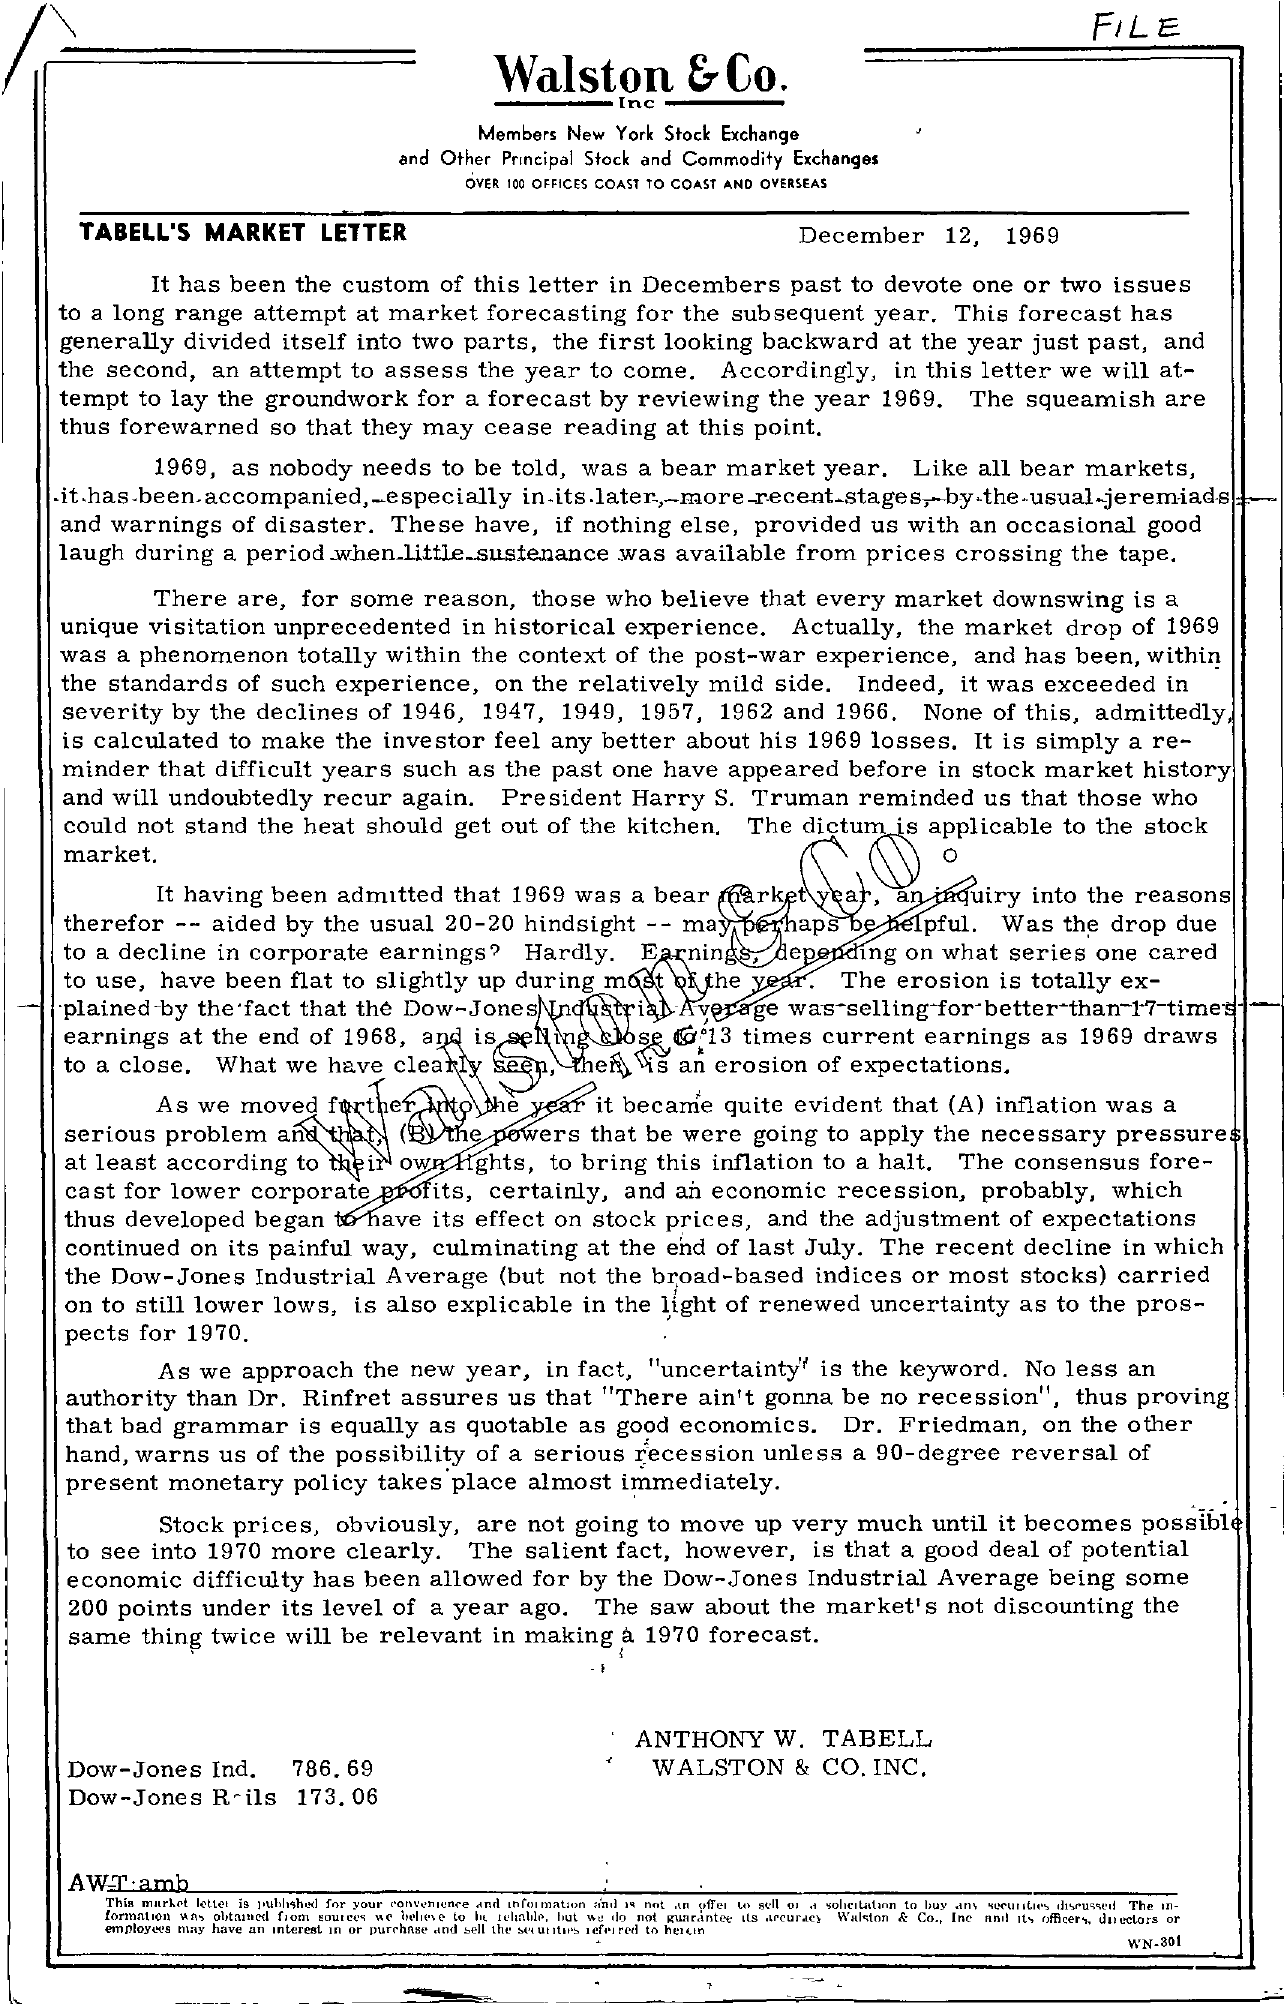 Tabell's Market Letter - December 12, 1969